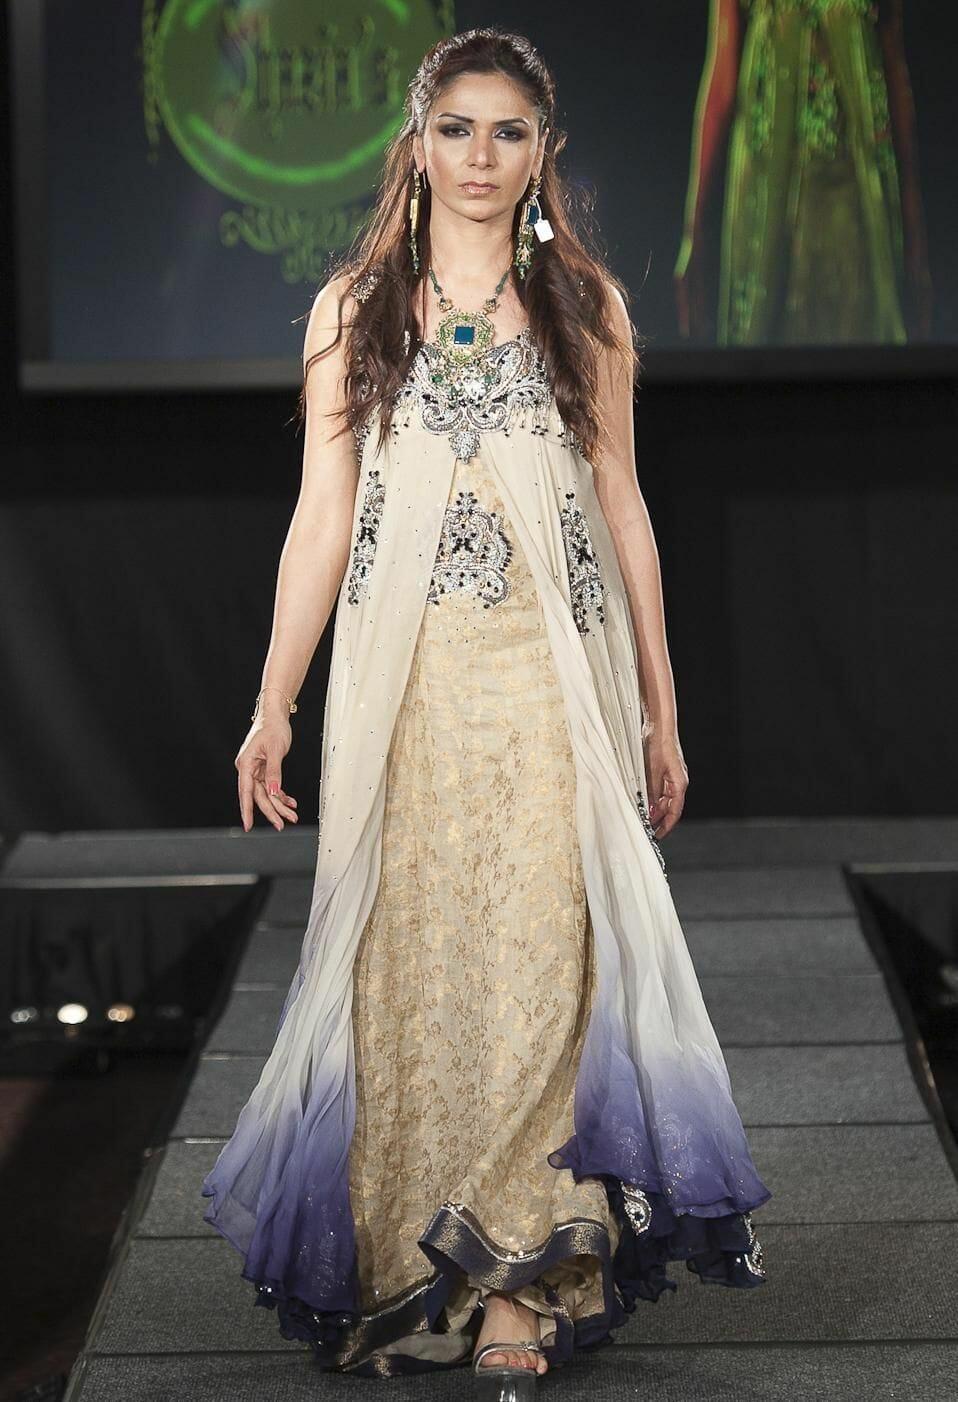 صور لأفضل الأزياء الهندية لأحدث إطلالة رائعة